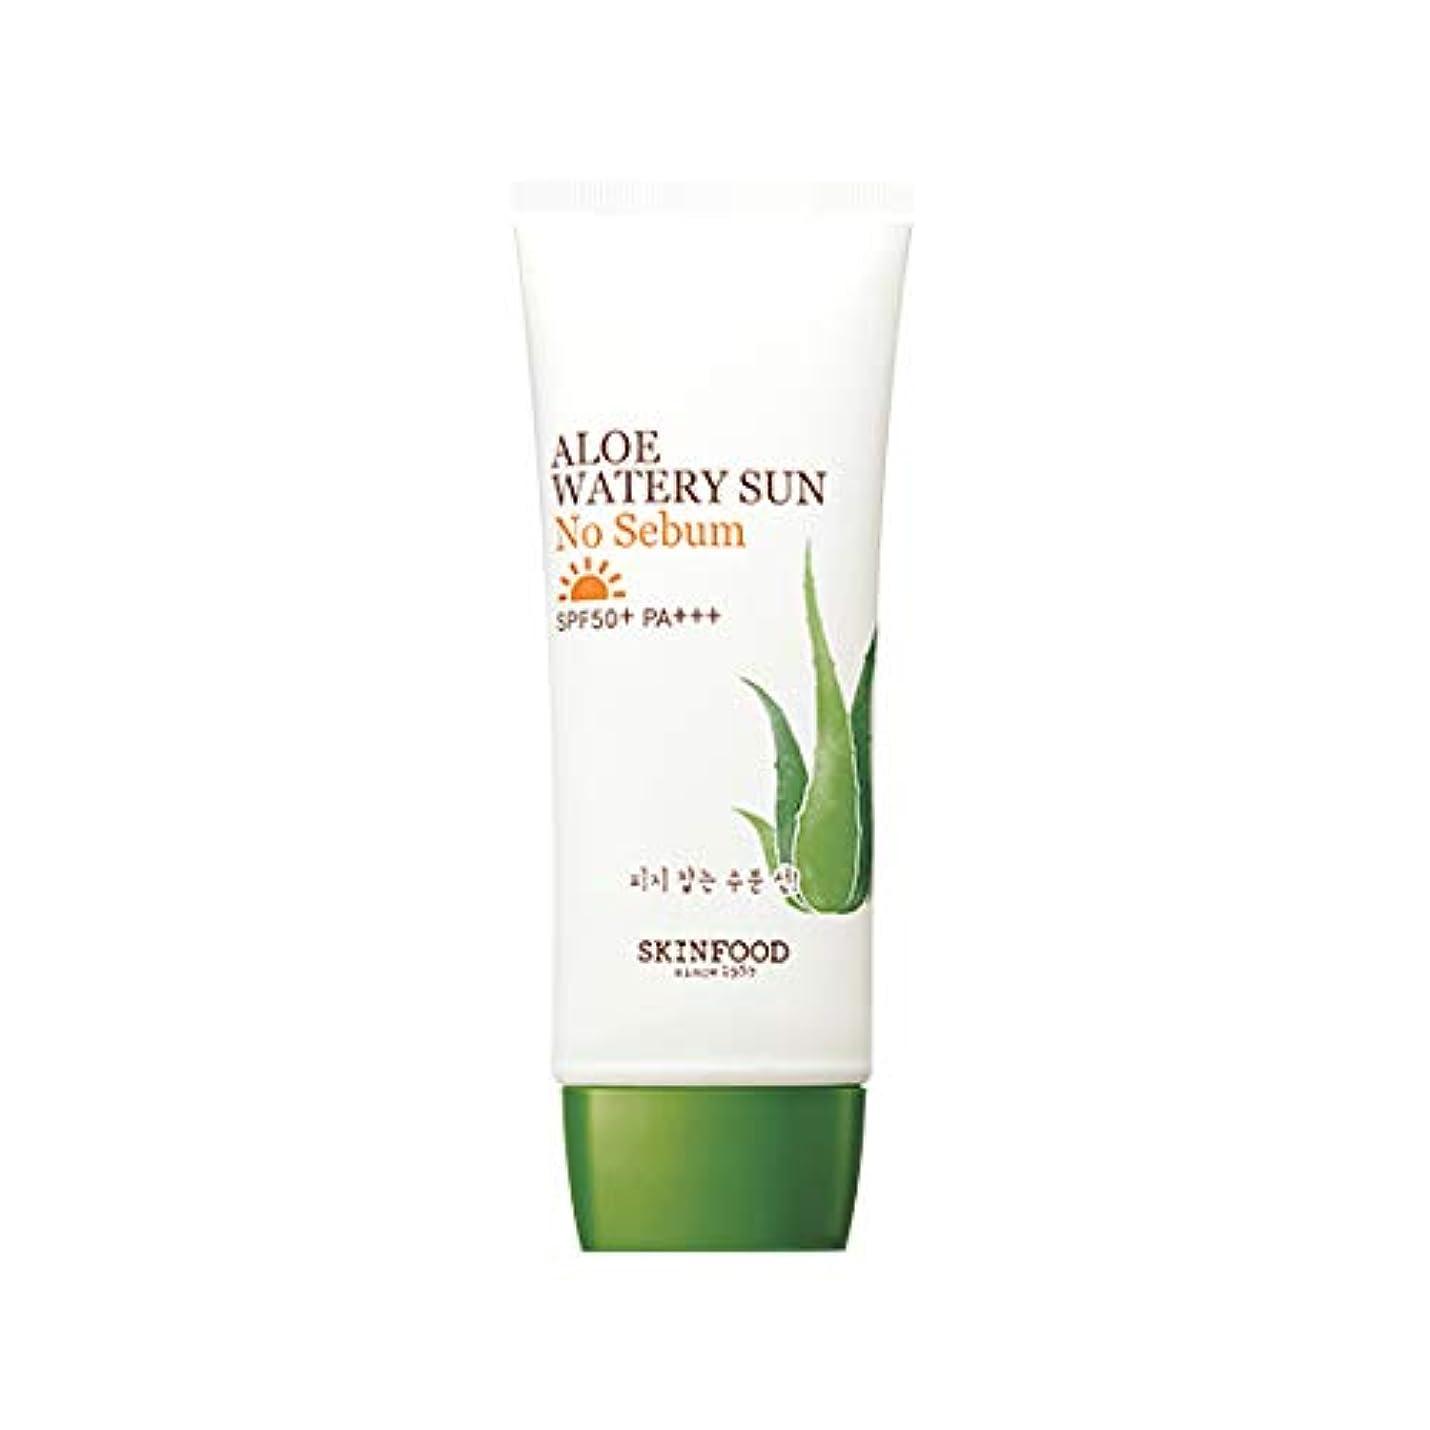 喜劇規則性請求Skinfood アロエ水っぽい太陽なし皮脂SPF50 + PA +++ / Aloe Watery Sun No Sebum SPF50+ PA+++ 50ml [並行輸入品]